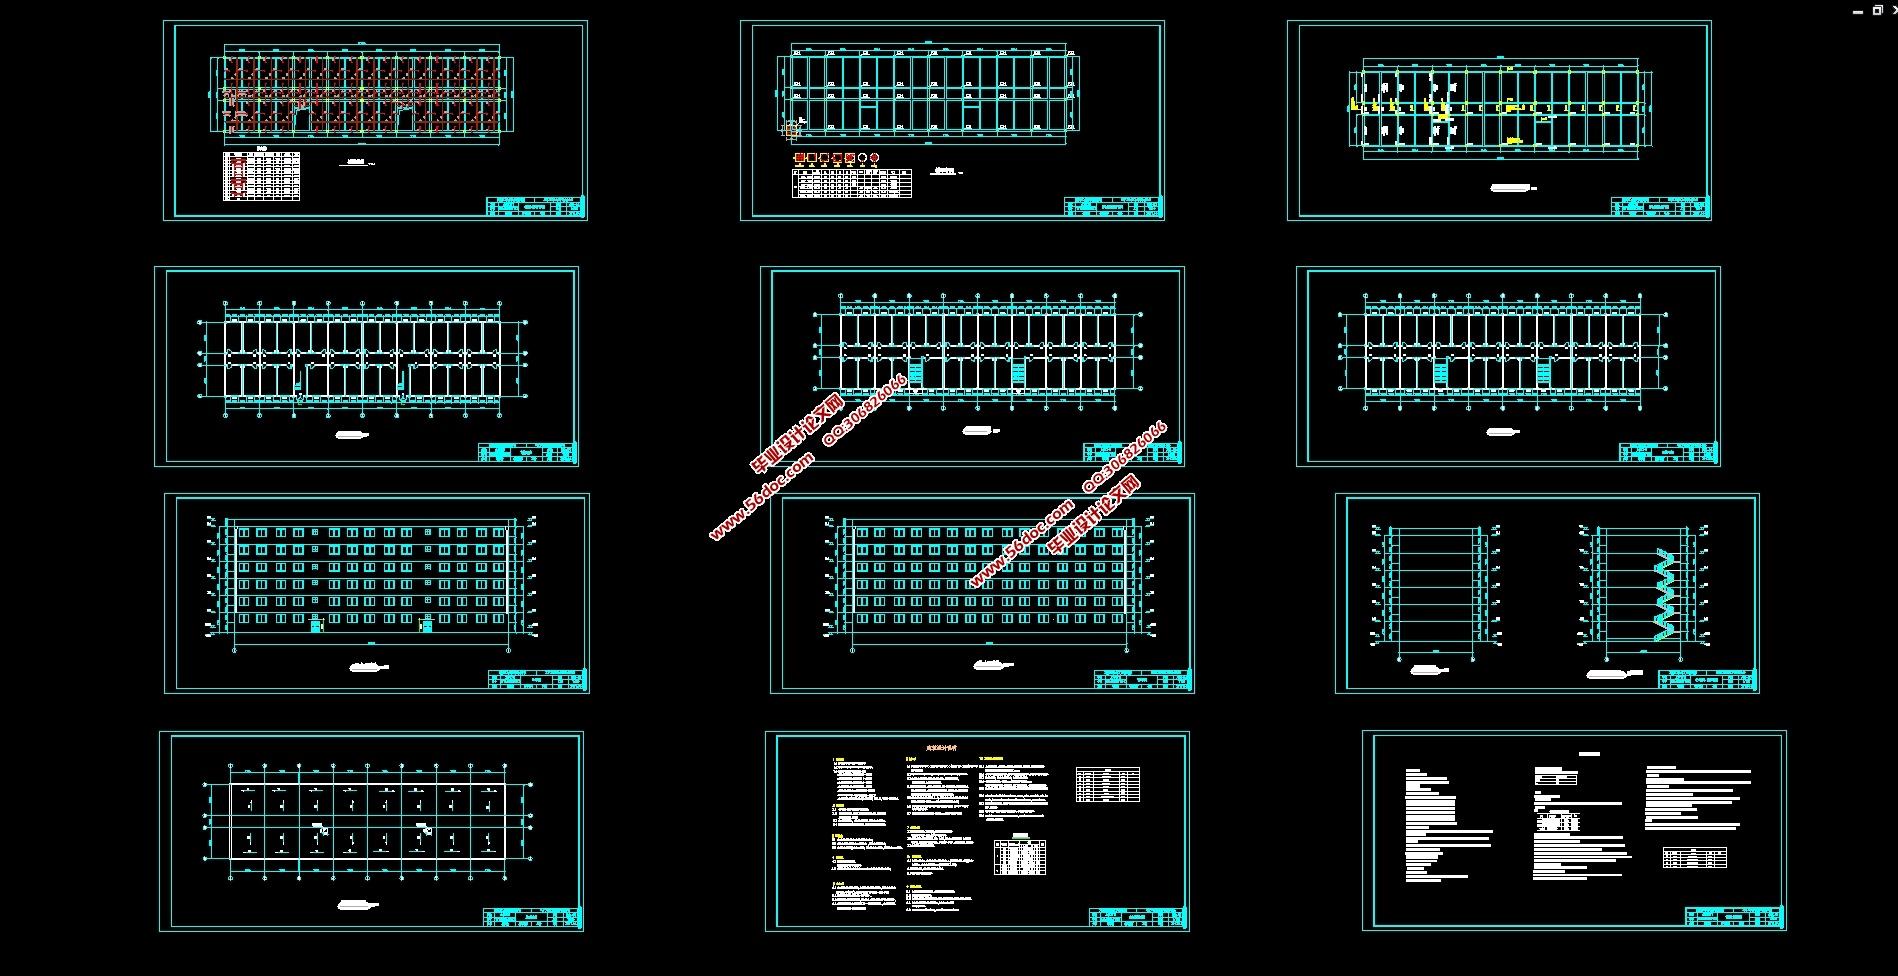 综合办公楼的设计(任务书,开题报告,计算书13000字,CAD图10张) 摘 要:本工程为辽宁工程技术大学综合办公楼工程,采用框架结构,主体为六层,女儿墙高度为1.5m,建筑面积5356.8,占地面积892.8。不考虑抗震设防。基本风压0.55kN/,基本雪压0.3kN/,室内外高差0.6m,地面粗糙度为C类,地基承载力特征值 =240kPa。本设计主要分为建筑设计和结构设计两部分。建筑设计主要包括:编制建筑设计总说明、门窗表、工程做法表;主要的平面、立面、剖面的设计;绘制施工图。结构部分主要包括: